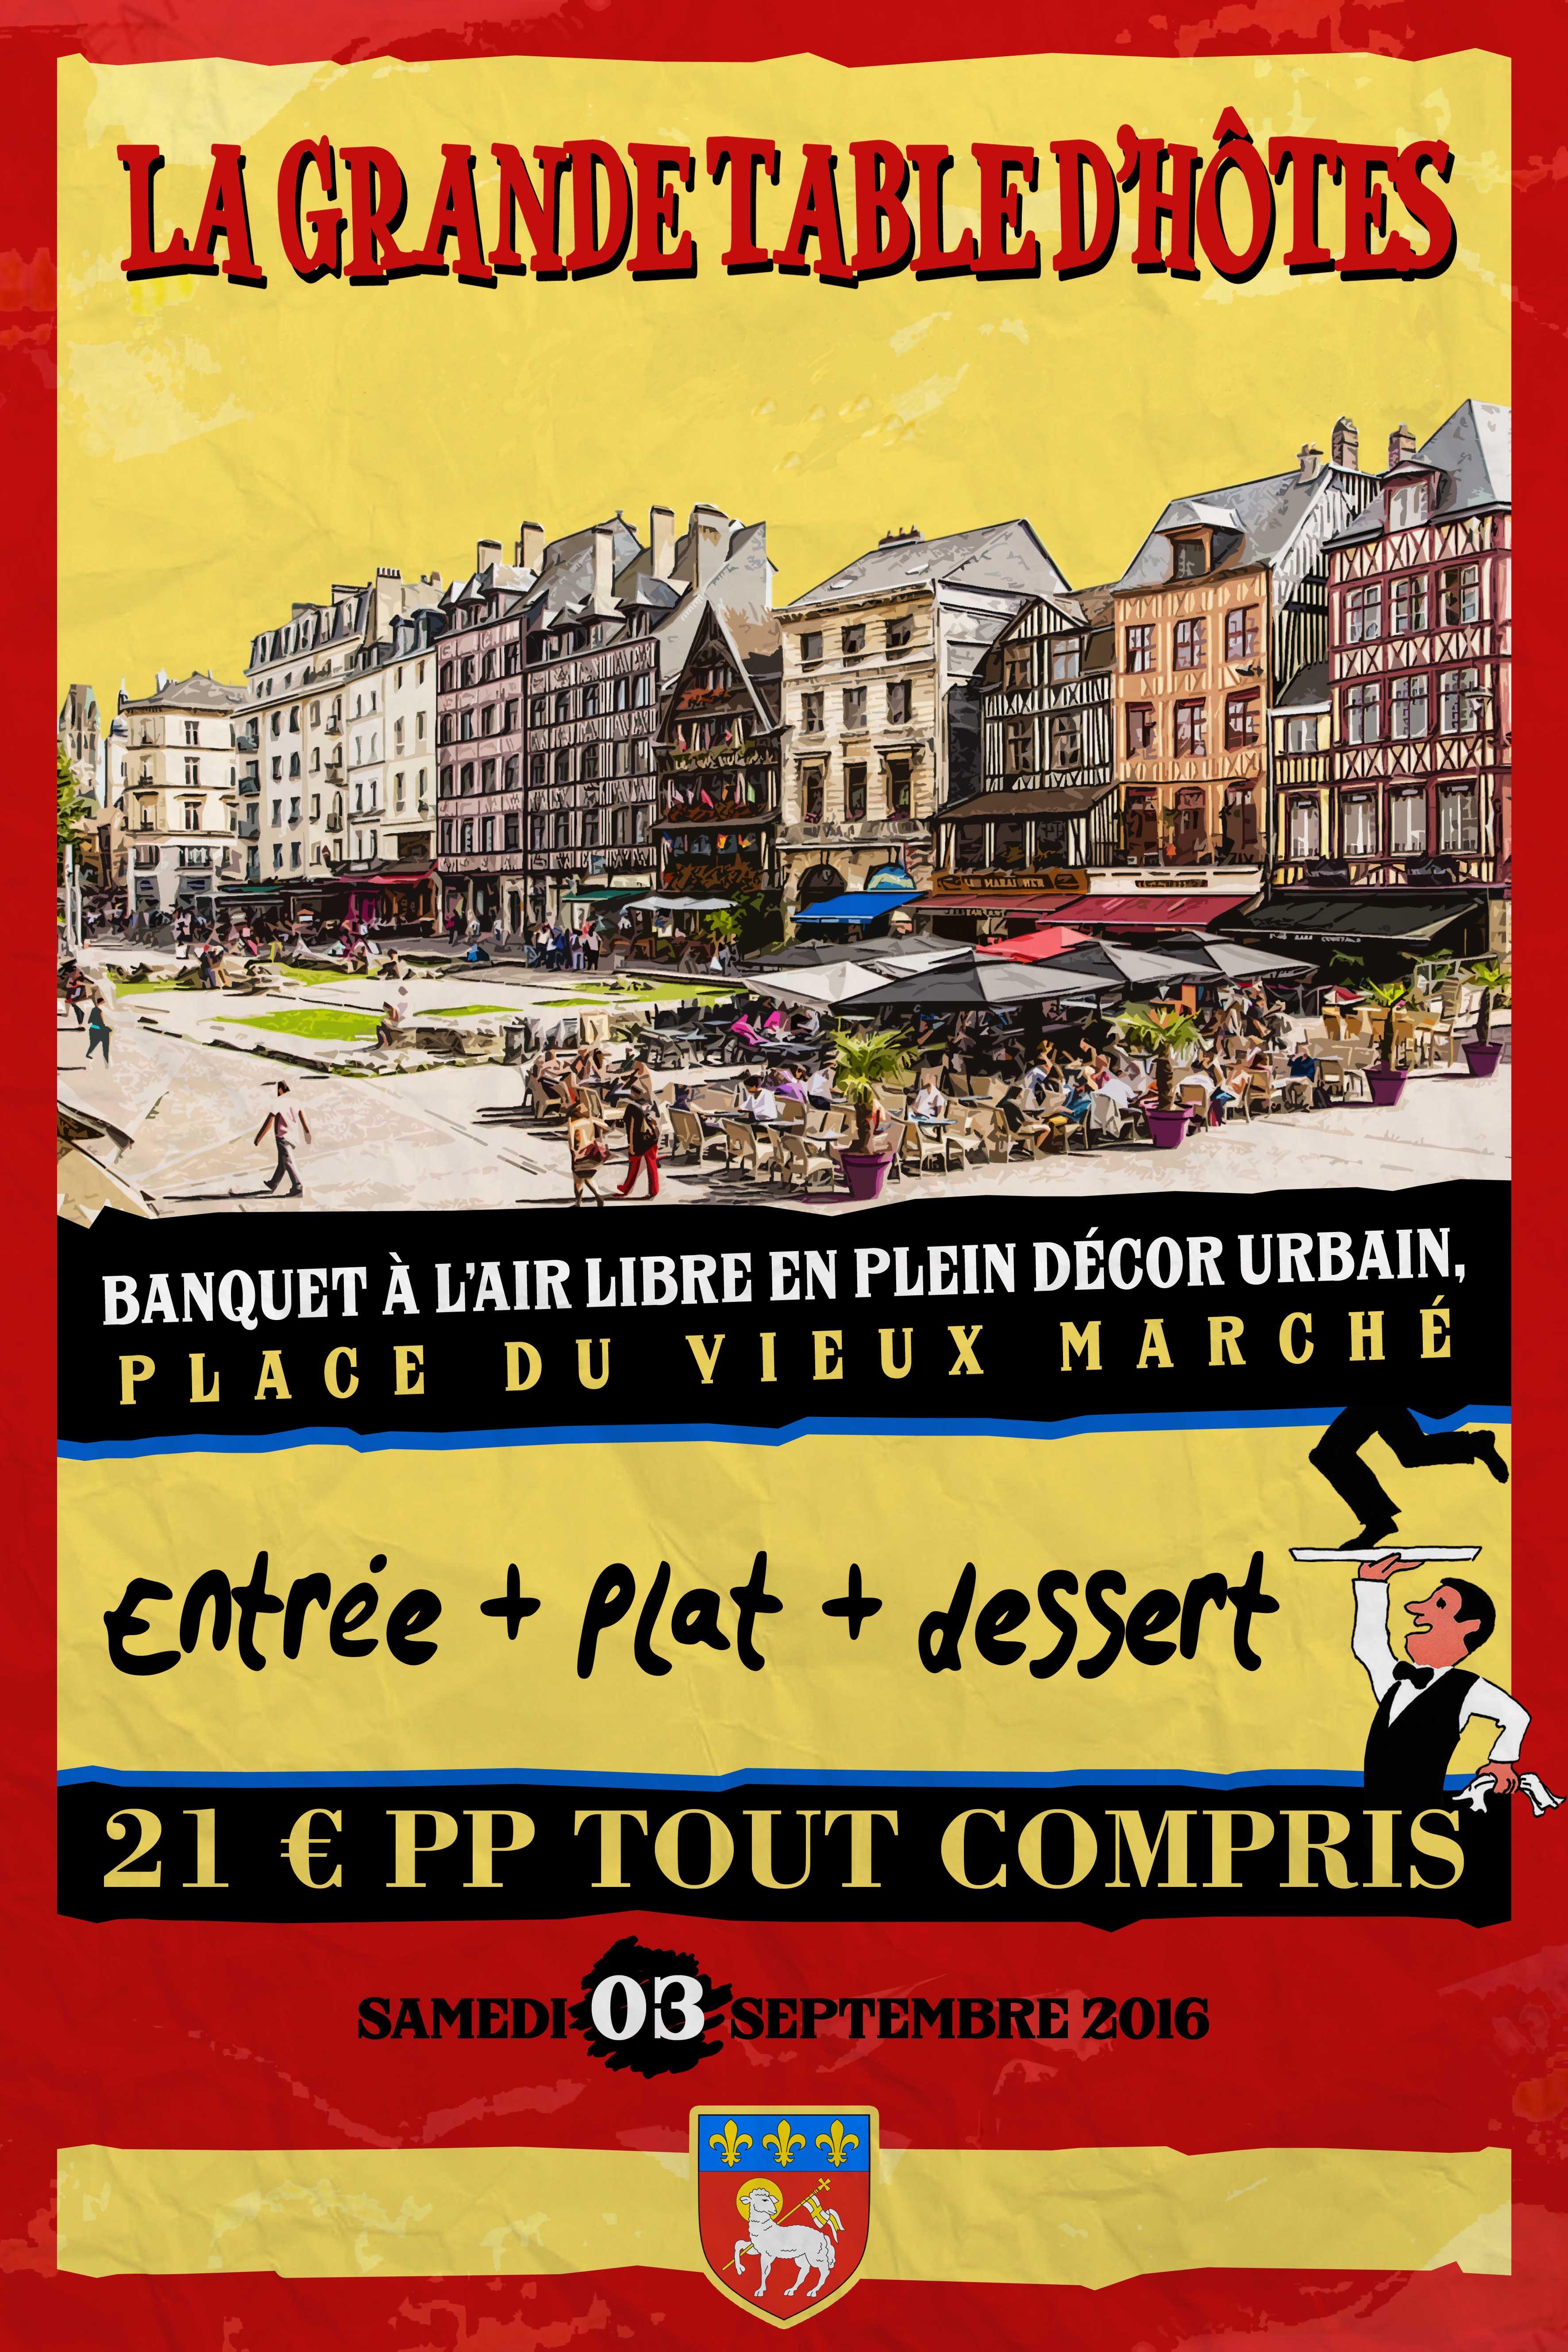 LA GRANDE TABLE D'HÔTES – Place du Vieux Marché